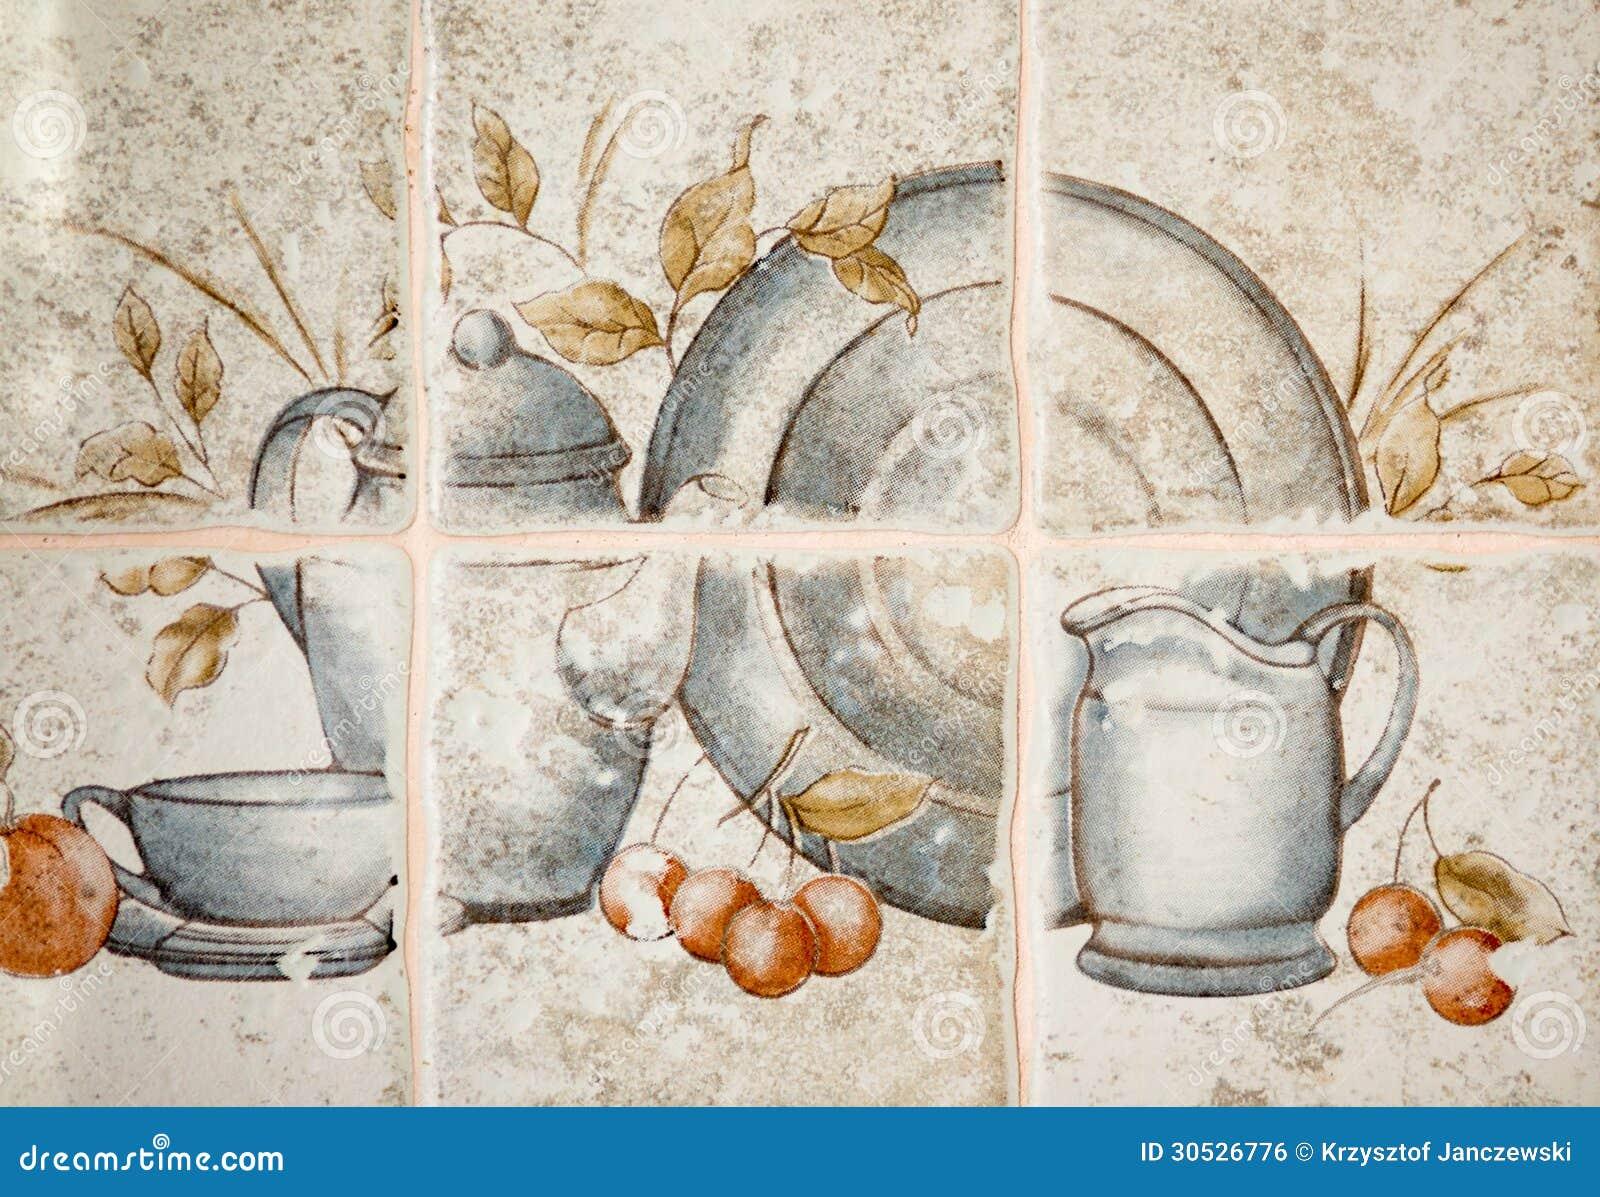 keukentegels met afbeeldingen : Keukentegels Stock Foto Afbeelding Bestaande Uit Patroon 30526776